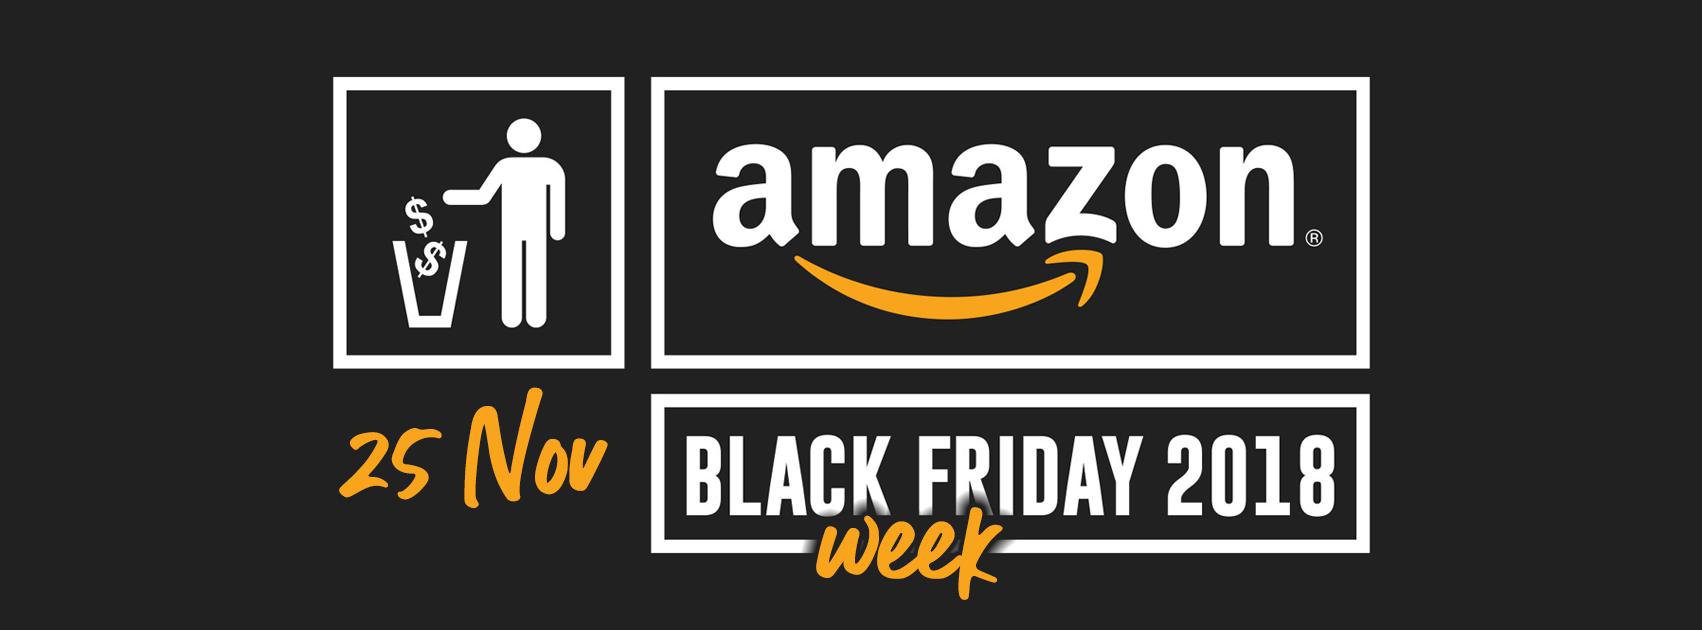 Amazon Black Friday 2018: Le migliori offerte di Domenica 25 novembre